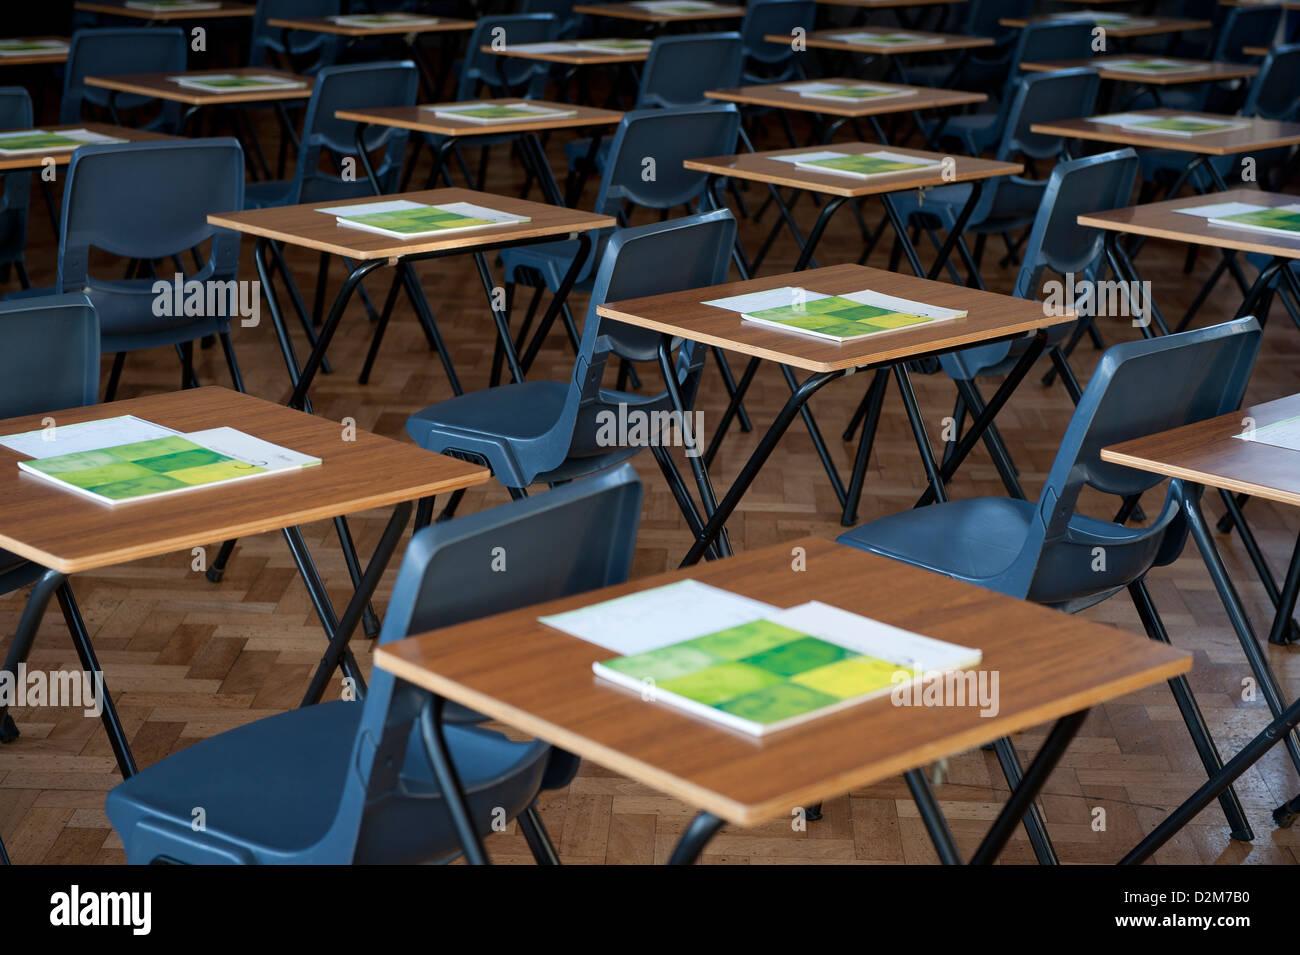 Scrivanie e tavoli stabiliti per gli esami in una università